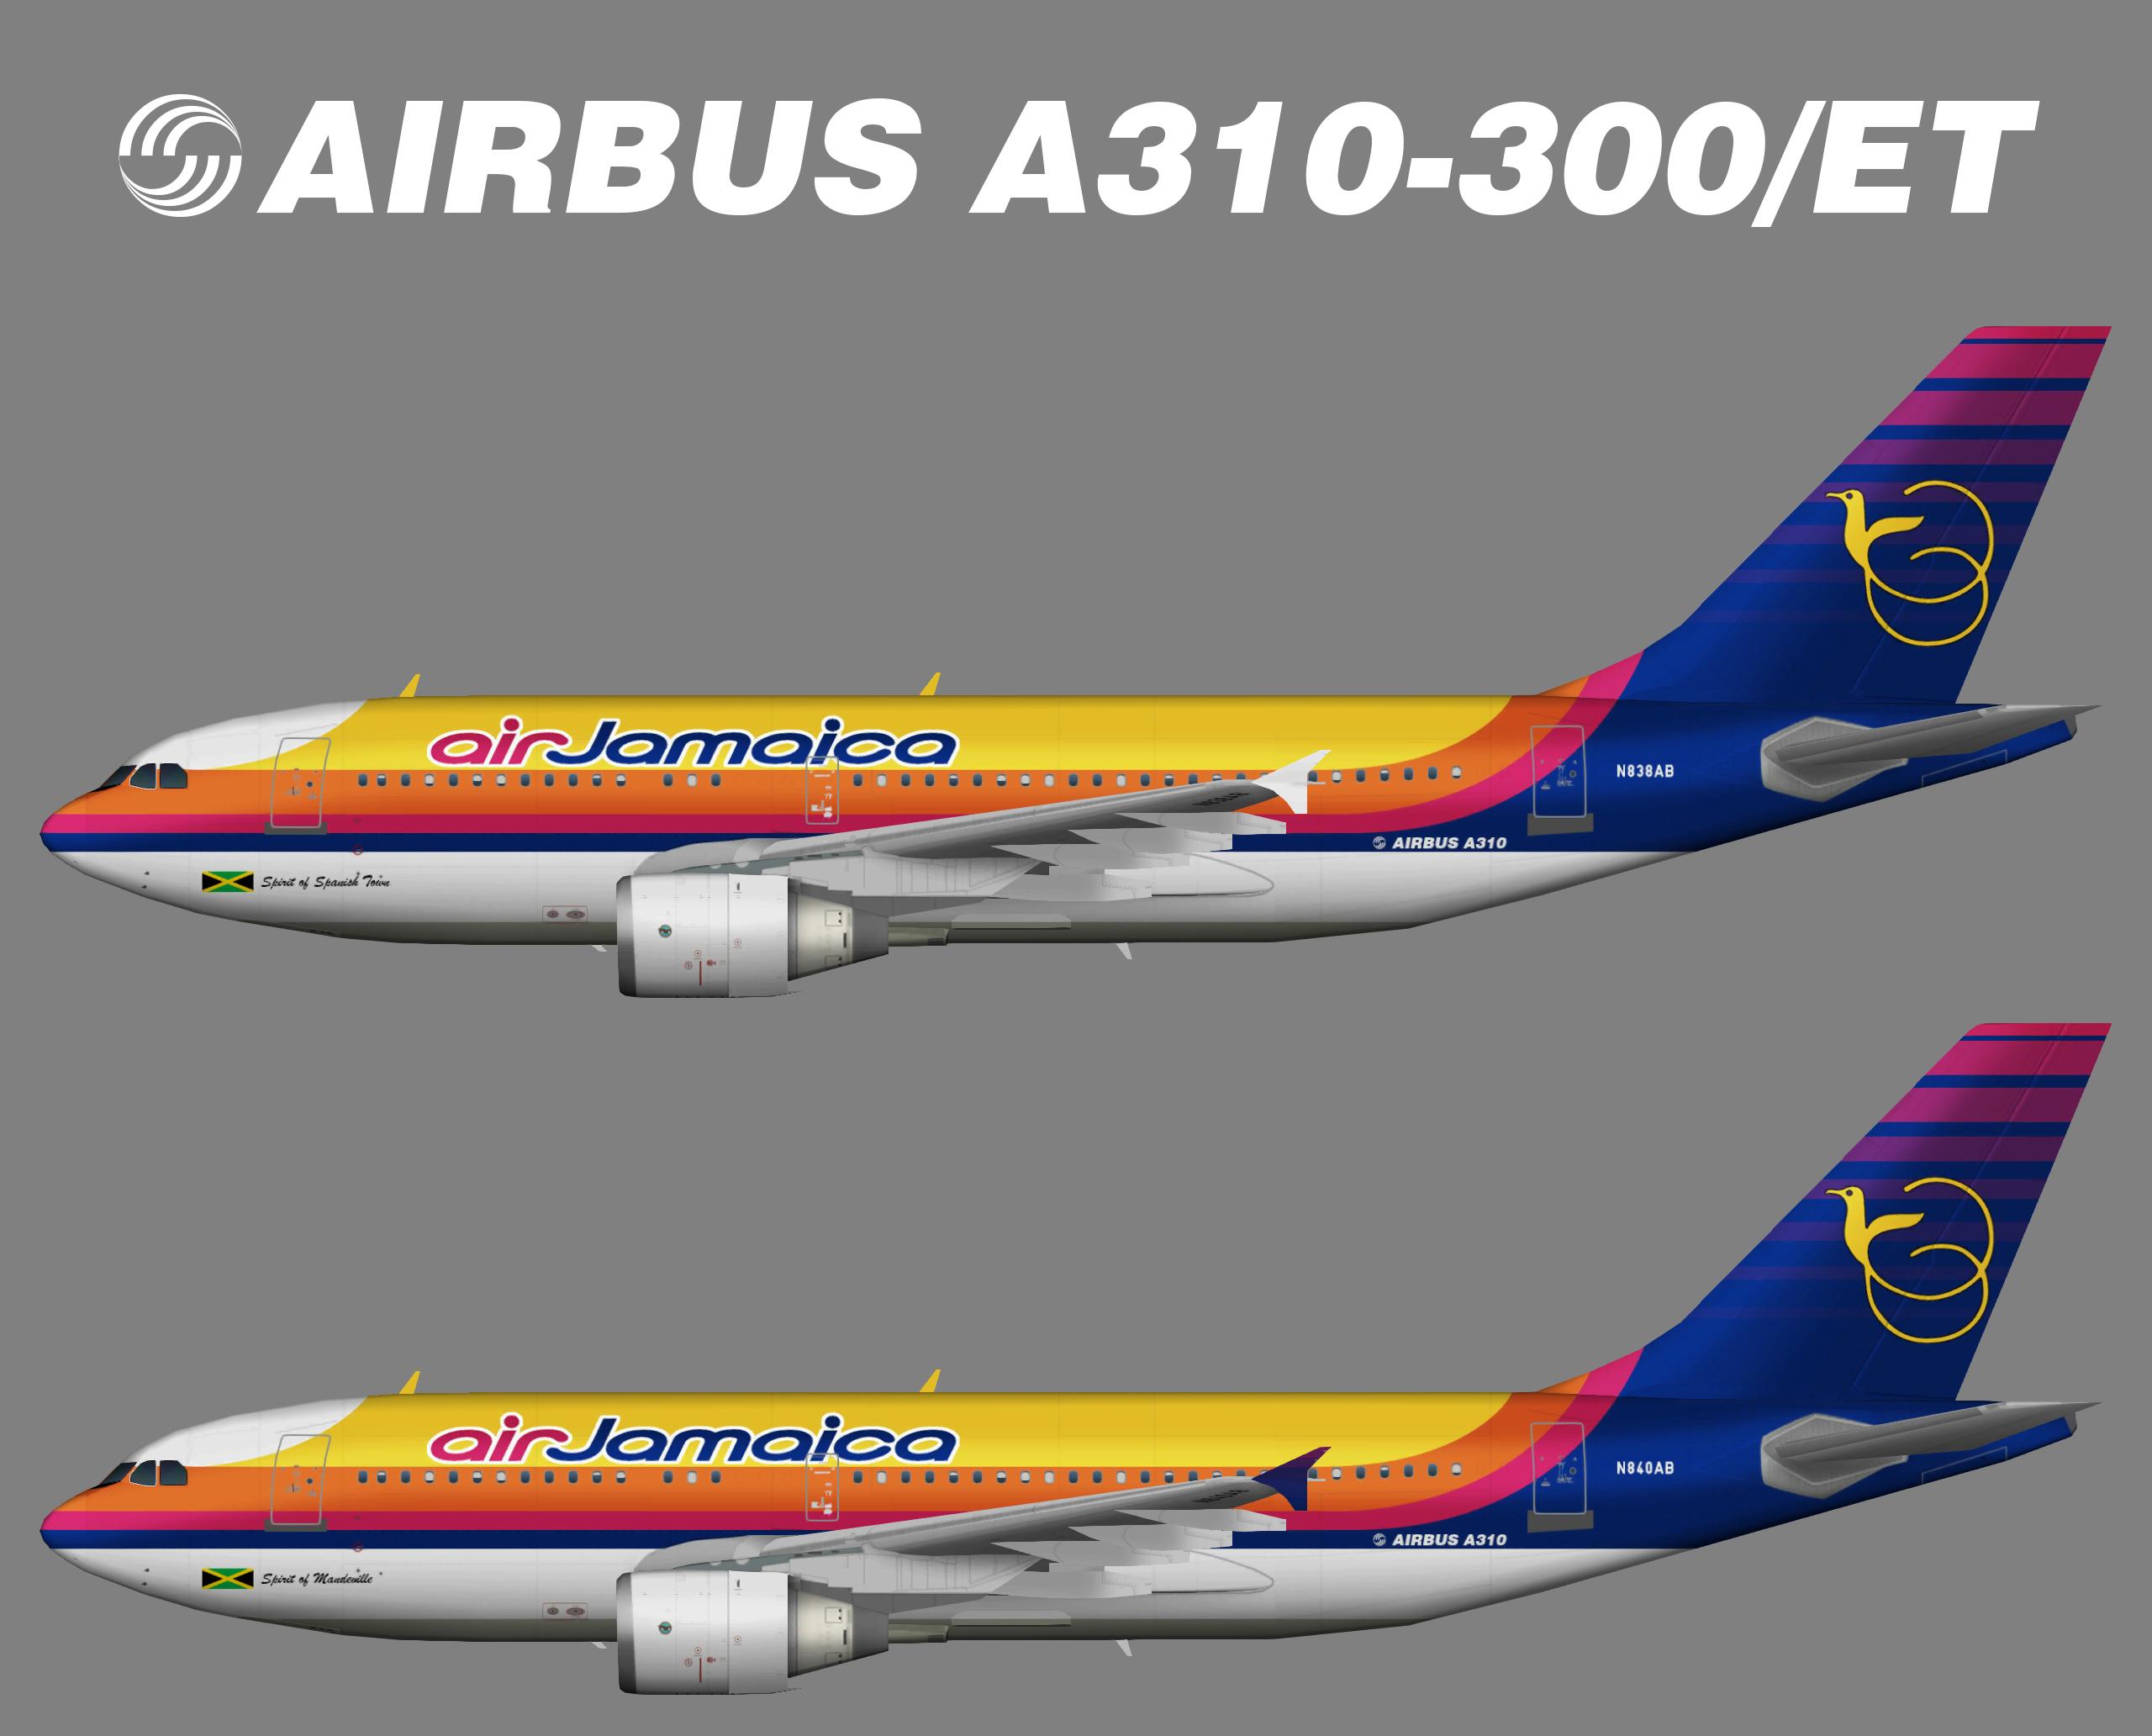 Air Jamaica Airbus A310-300